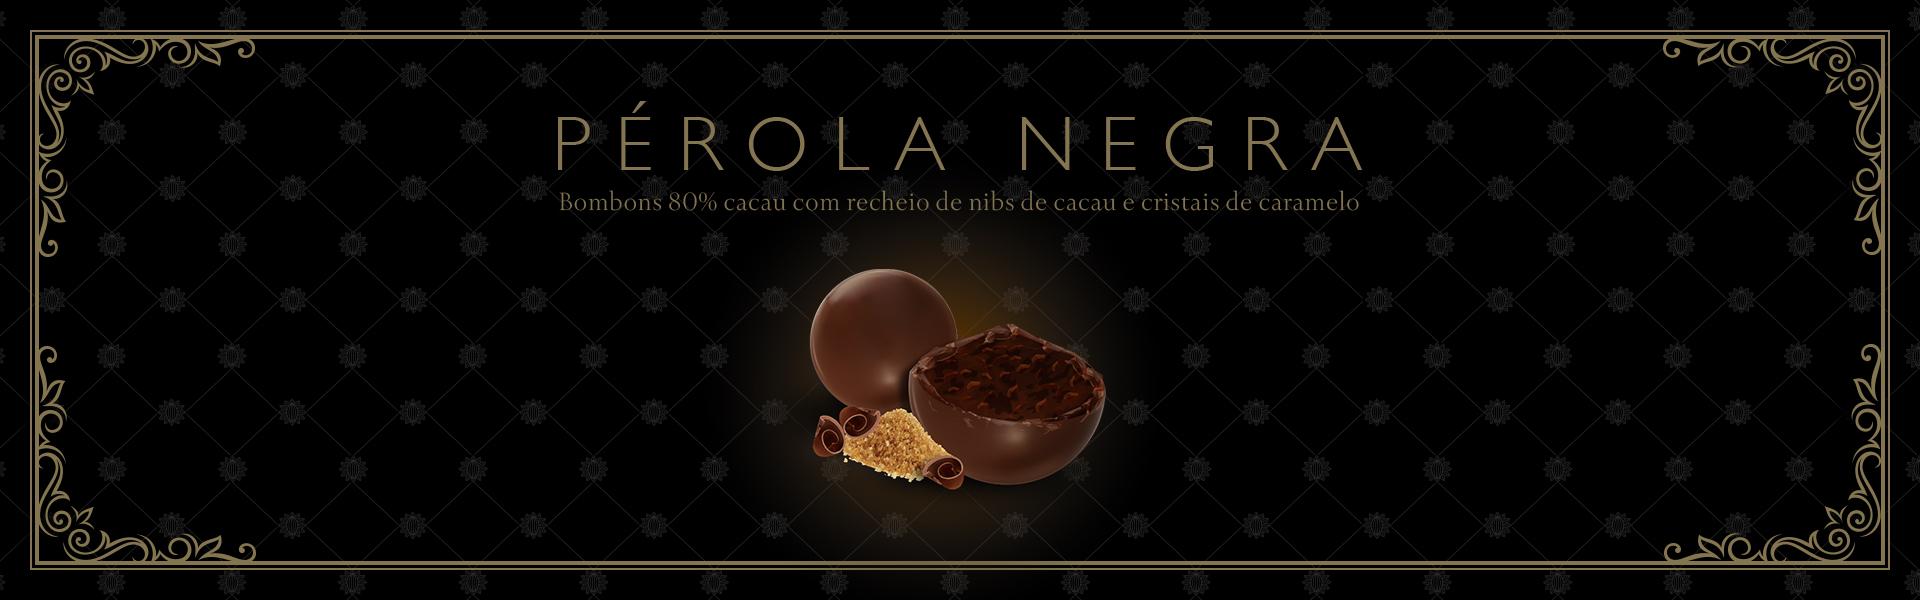 bombom de chocolate e nibs de cacau - pérola negra